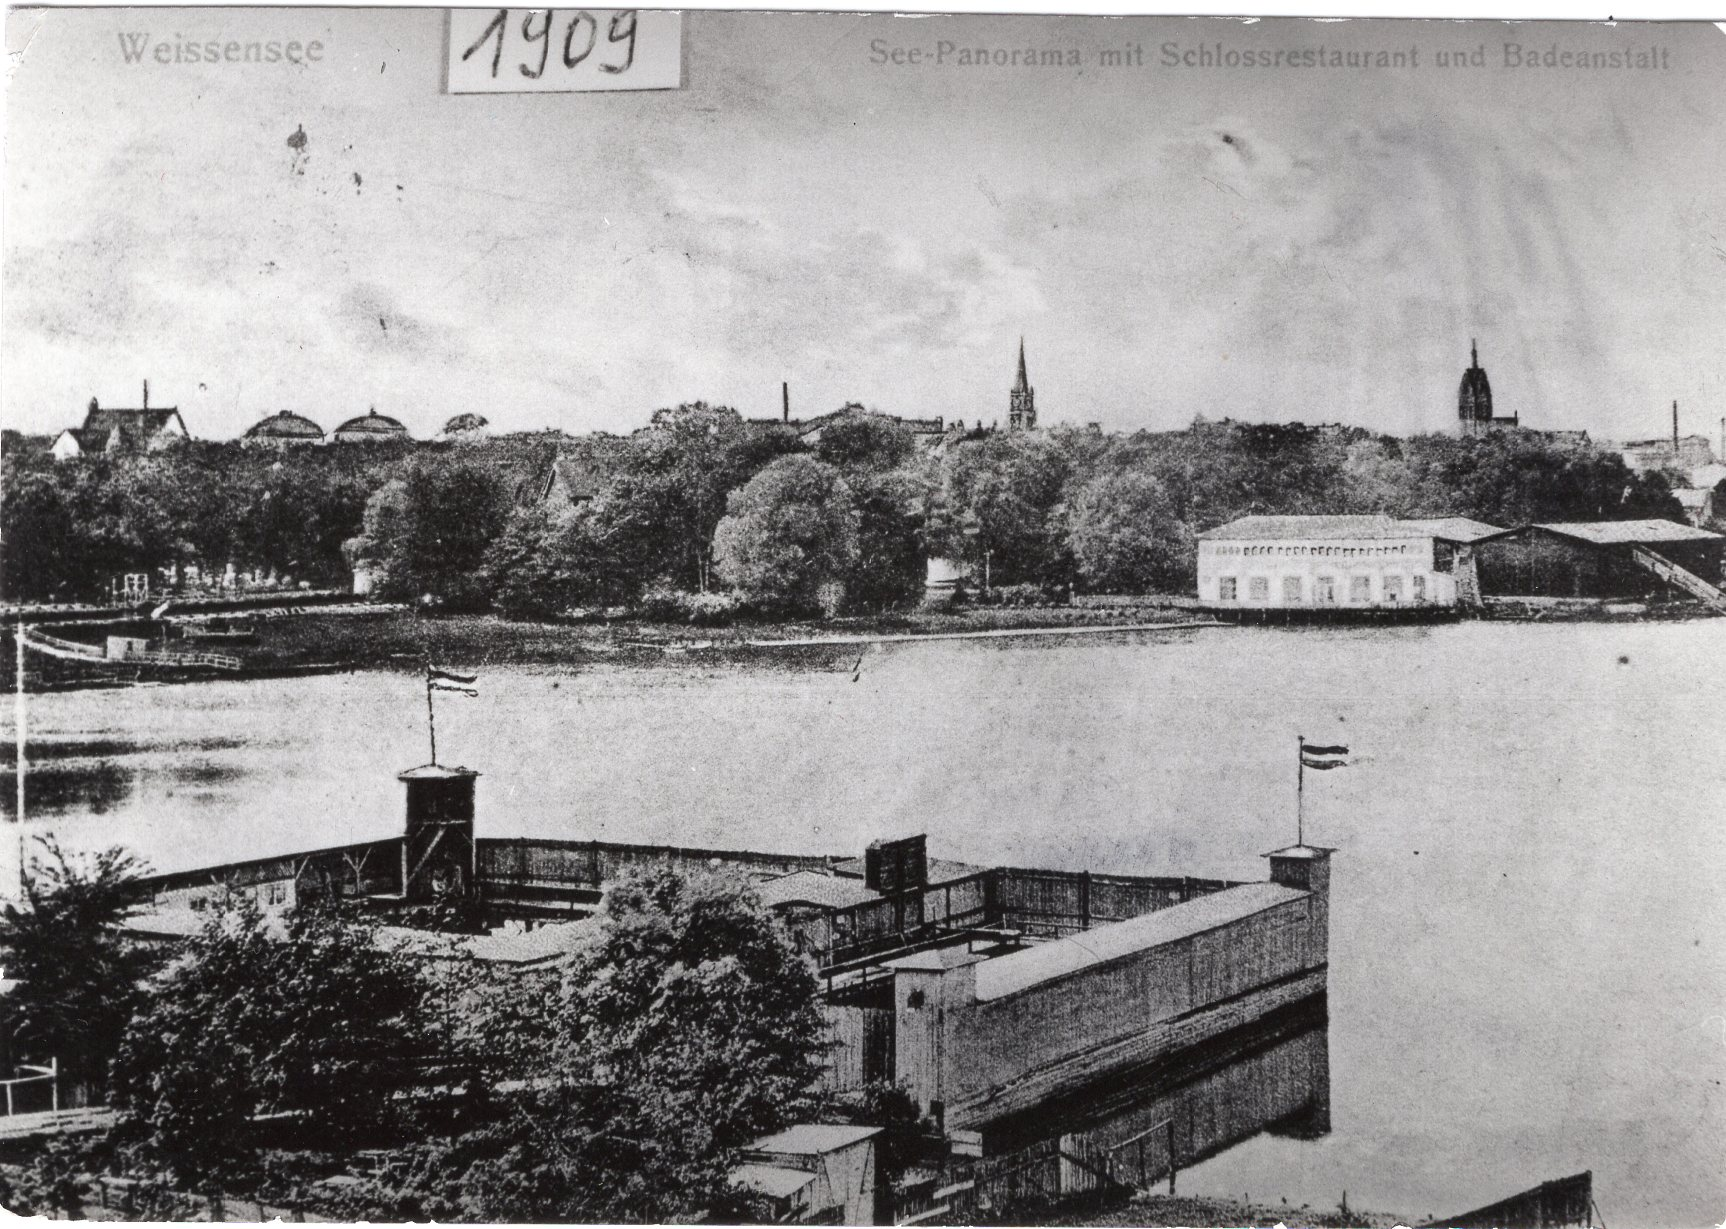 Schloss Weissensee und Badeanstalt Postkarte 1909